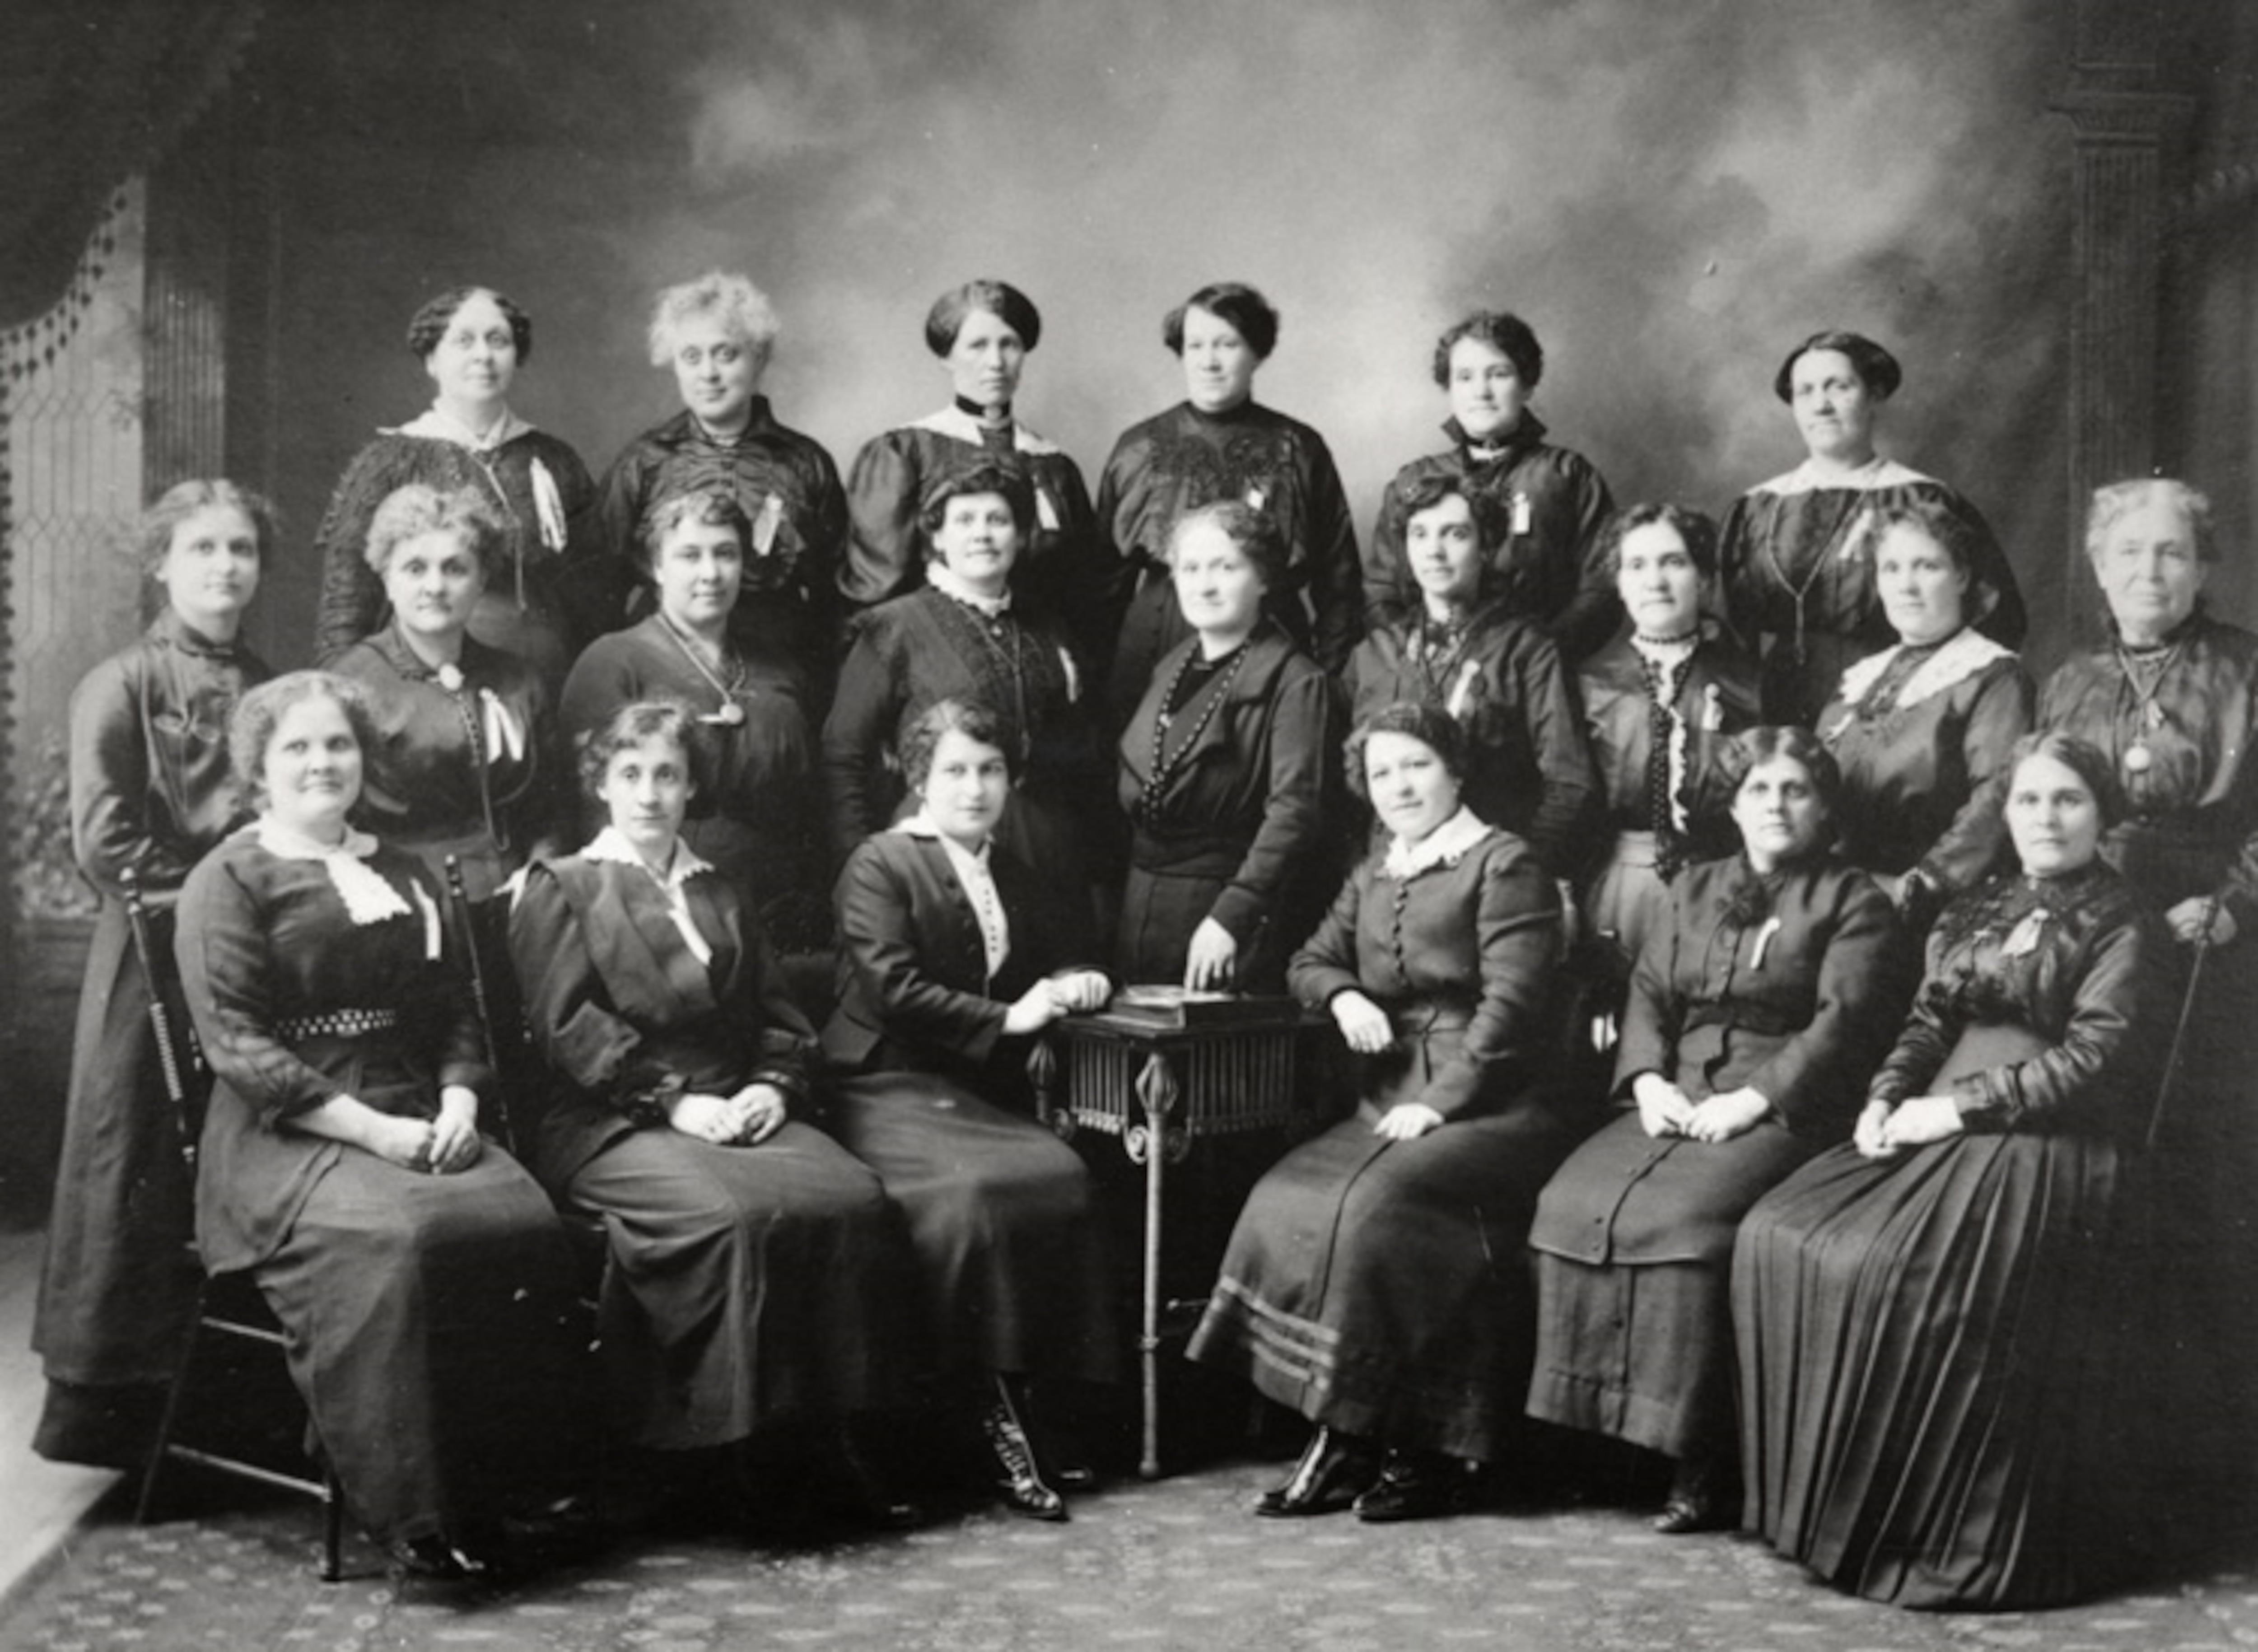 Diane et Béatrice Desloges, ainsi que les gardiennes de l'école Guigues d'Ottawa en 1913